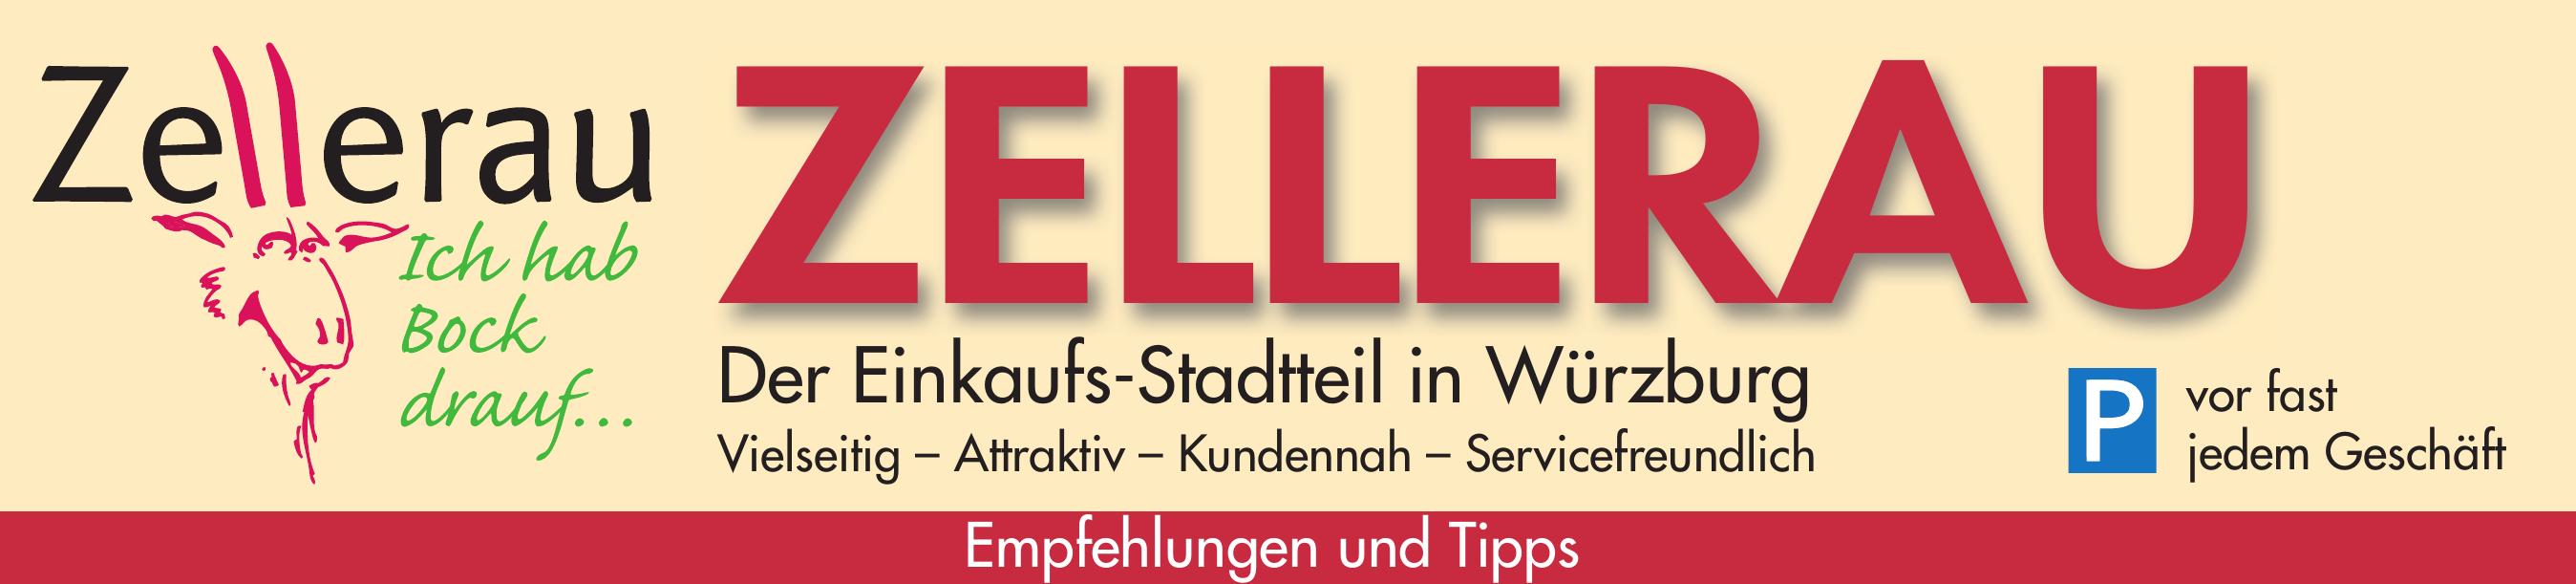 Herzlich willkommen zum 1. Zellerauer Stadtteilfest! Image 1